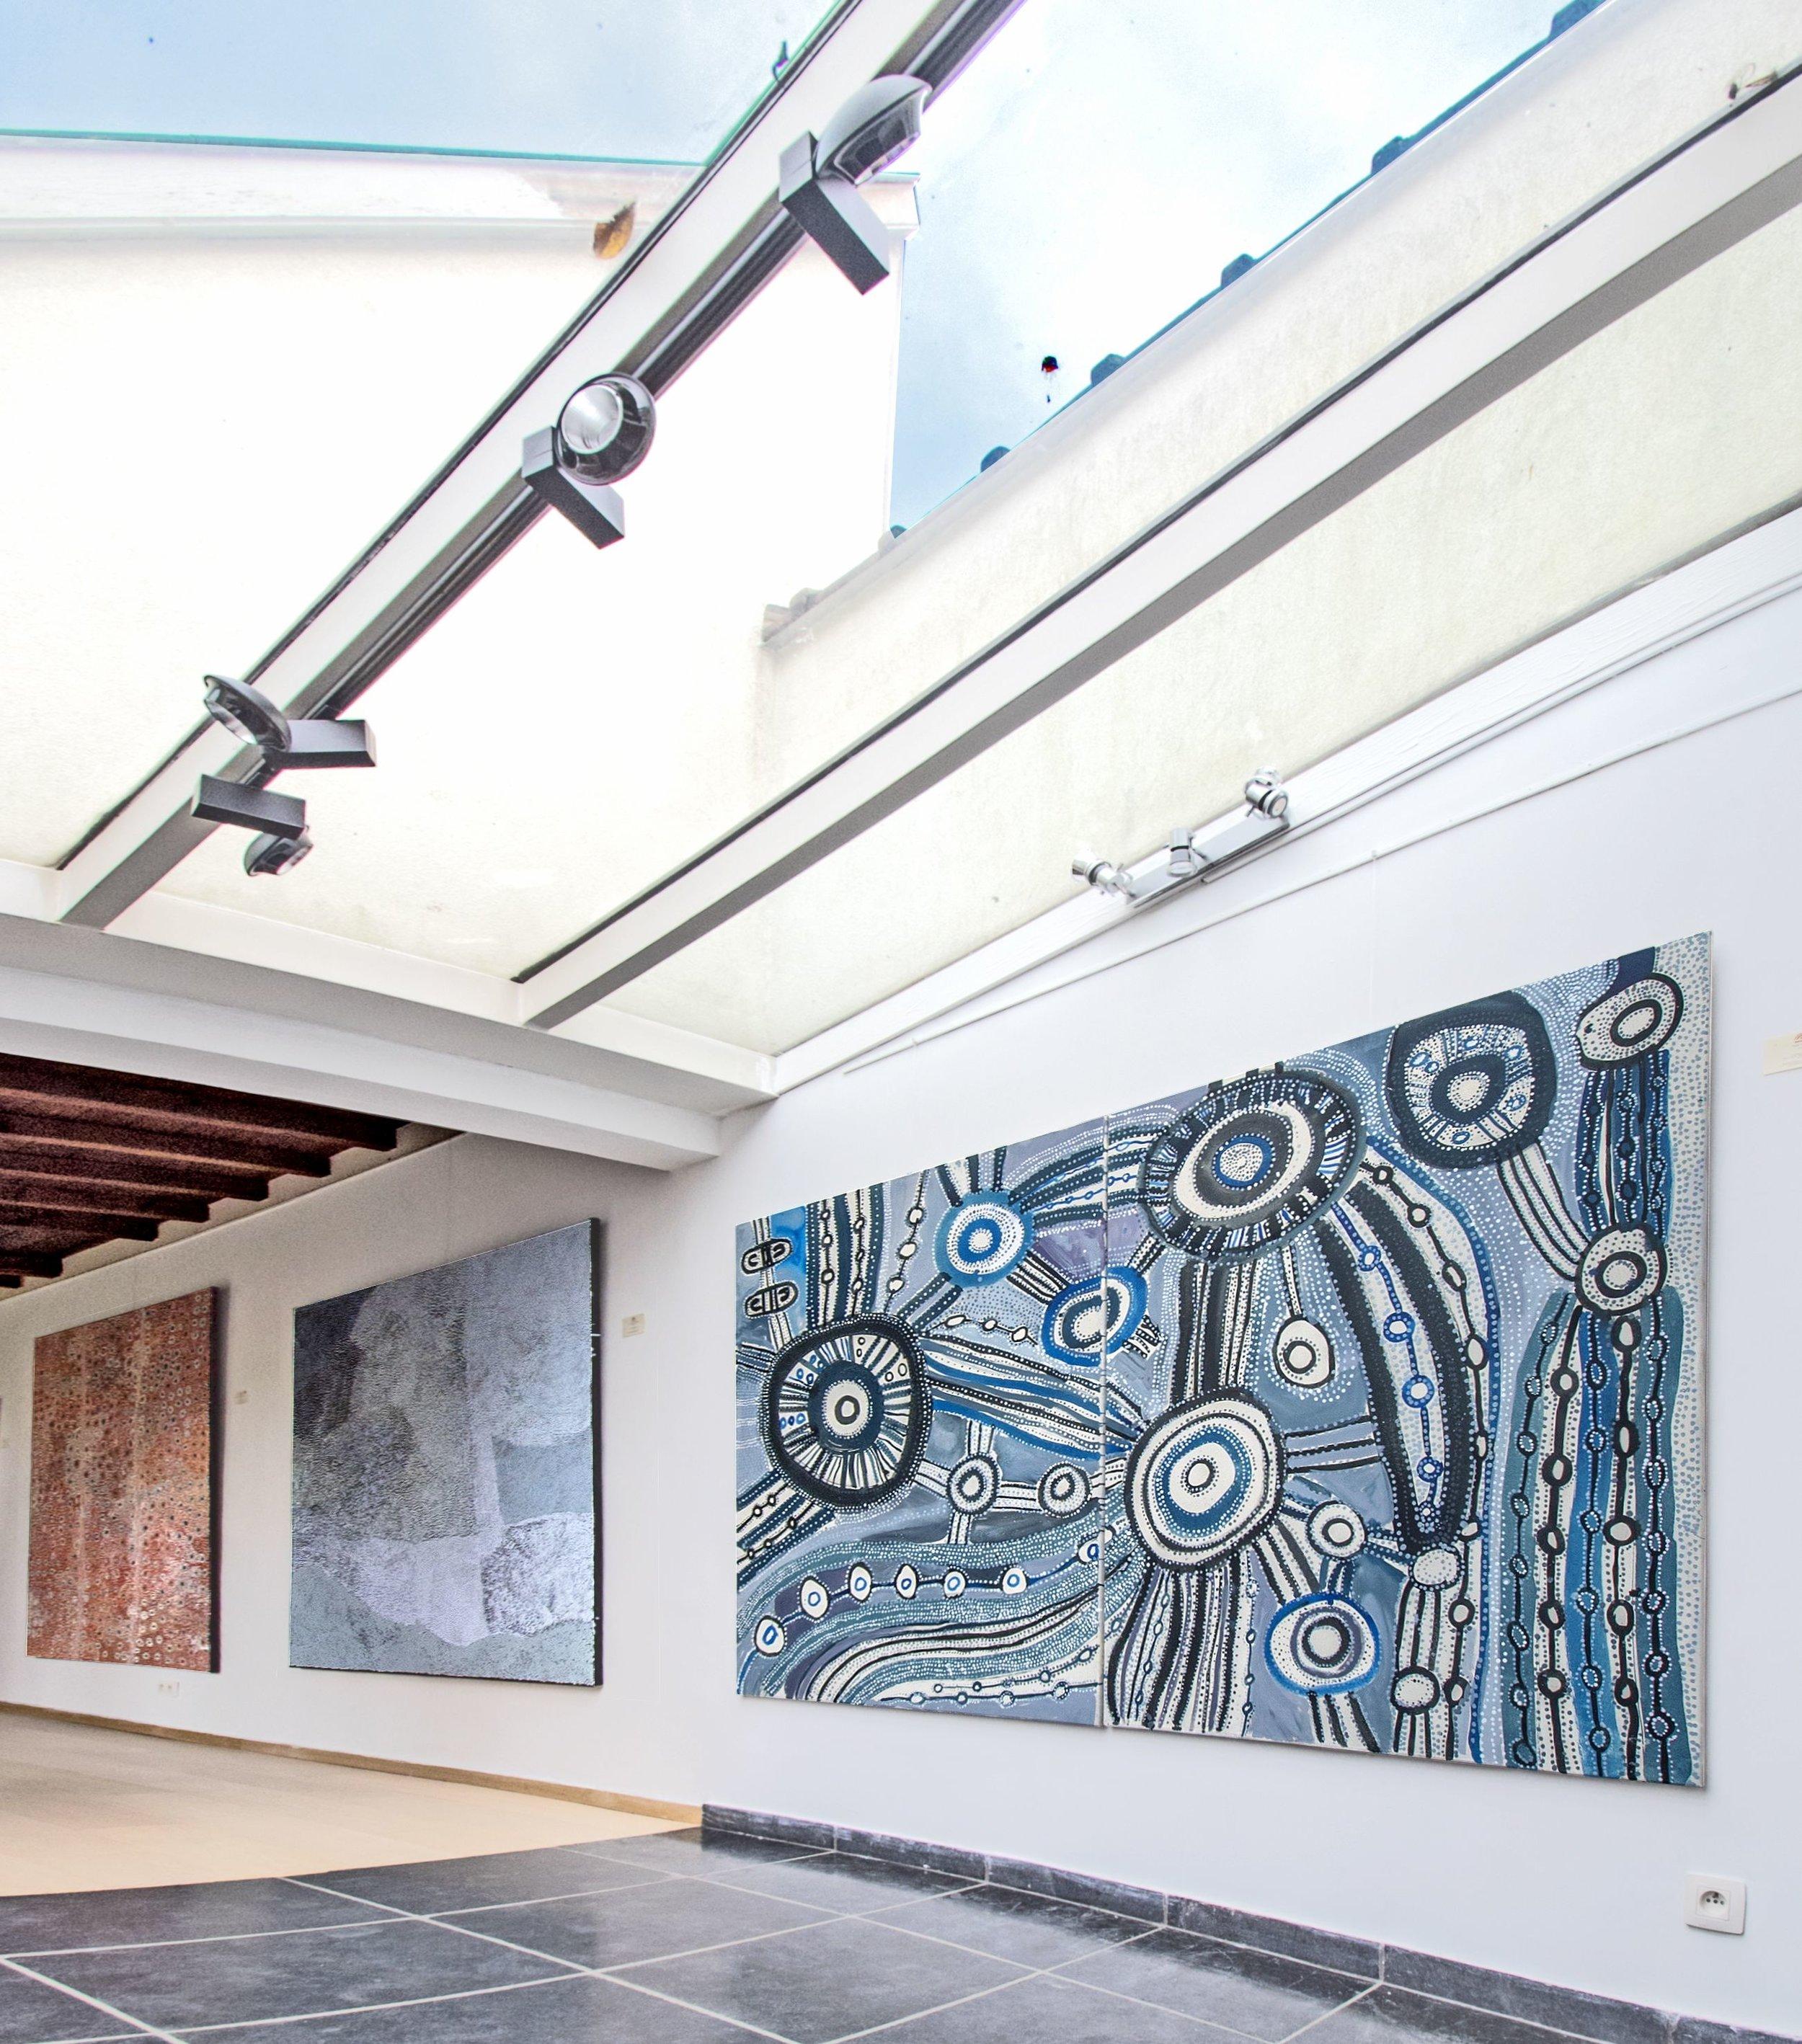 De droite à gauche, œuvre de l'artiste Aborigène Puna Yanima (1955) de Mimili, sur le thème d'Antara. Puis œuvre de l'artiste Pepai Jangala Caroll (Ernabella). Photo Aboriginal Signature Estrangin gallery with the courtesy of the artists and the art centres.